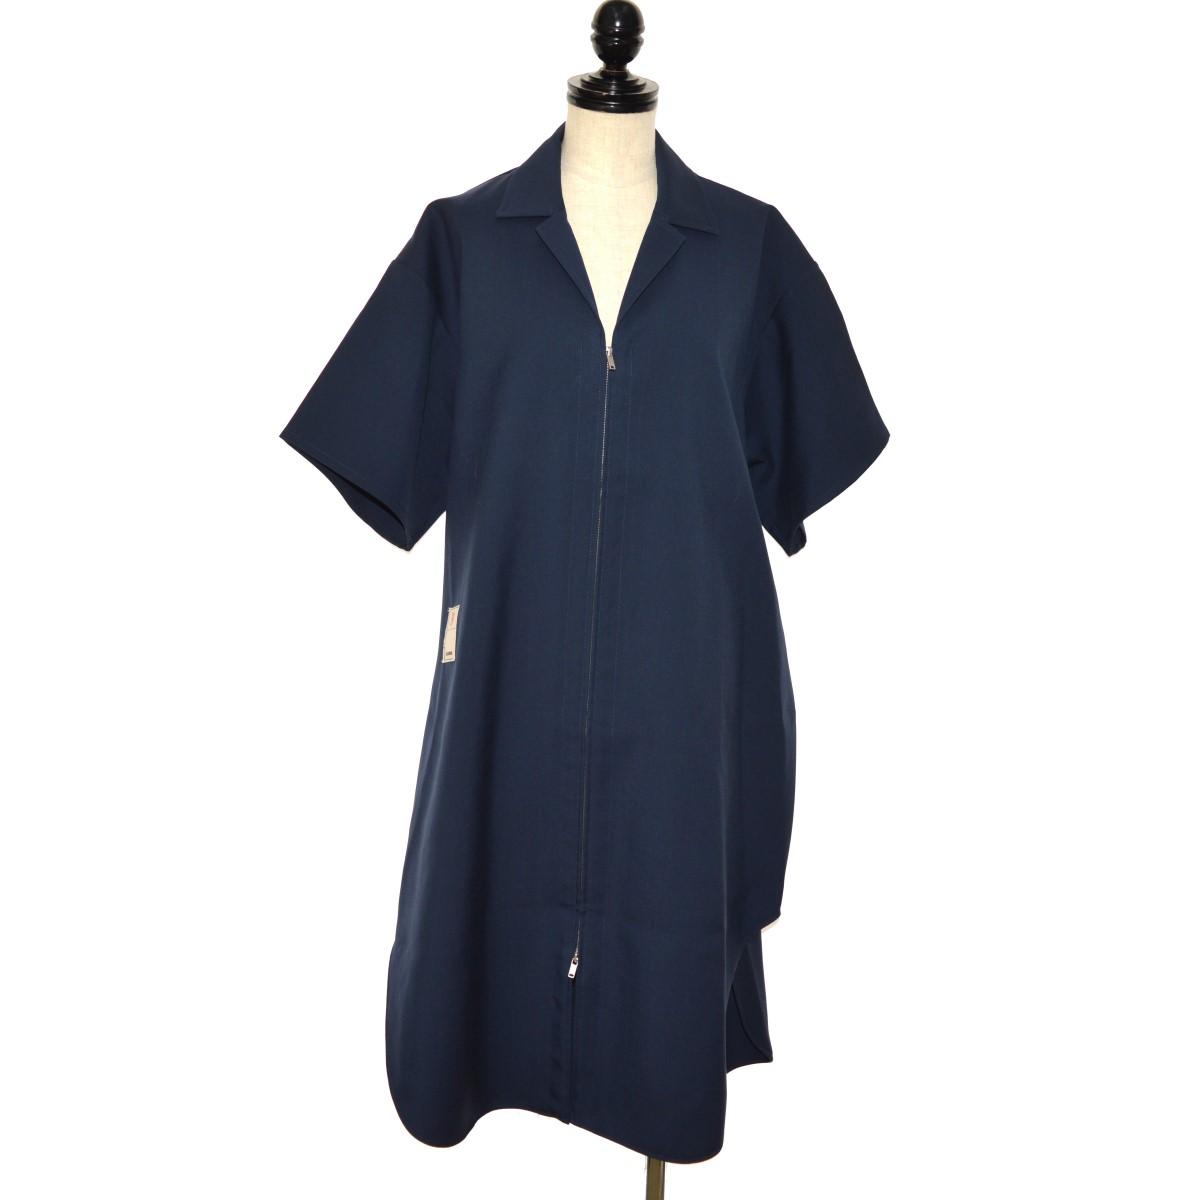 【中古】JIL SANDER 19SS OVERSIZED SHIRT DRESS オーバーサイズシャツドレス ネイビー サイズ:32 【070320】(ジルサンダー)